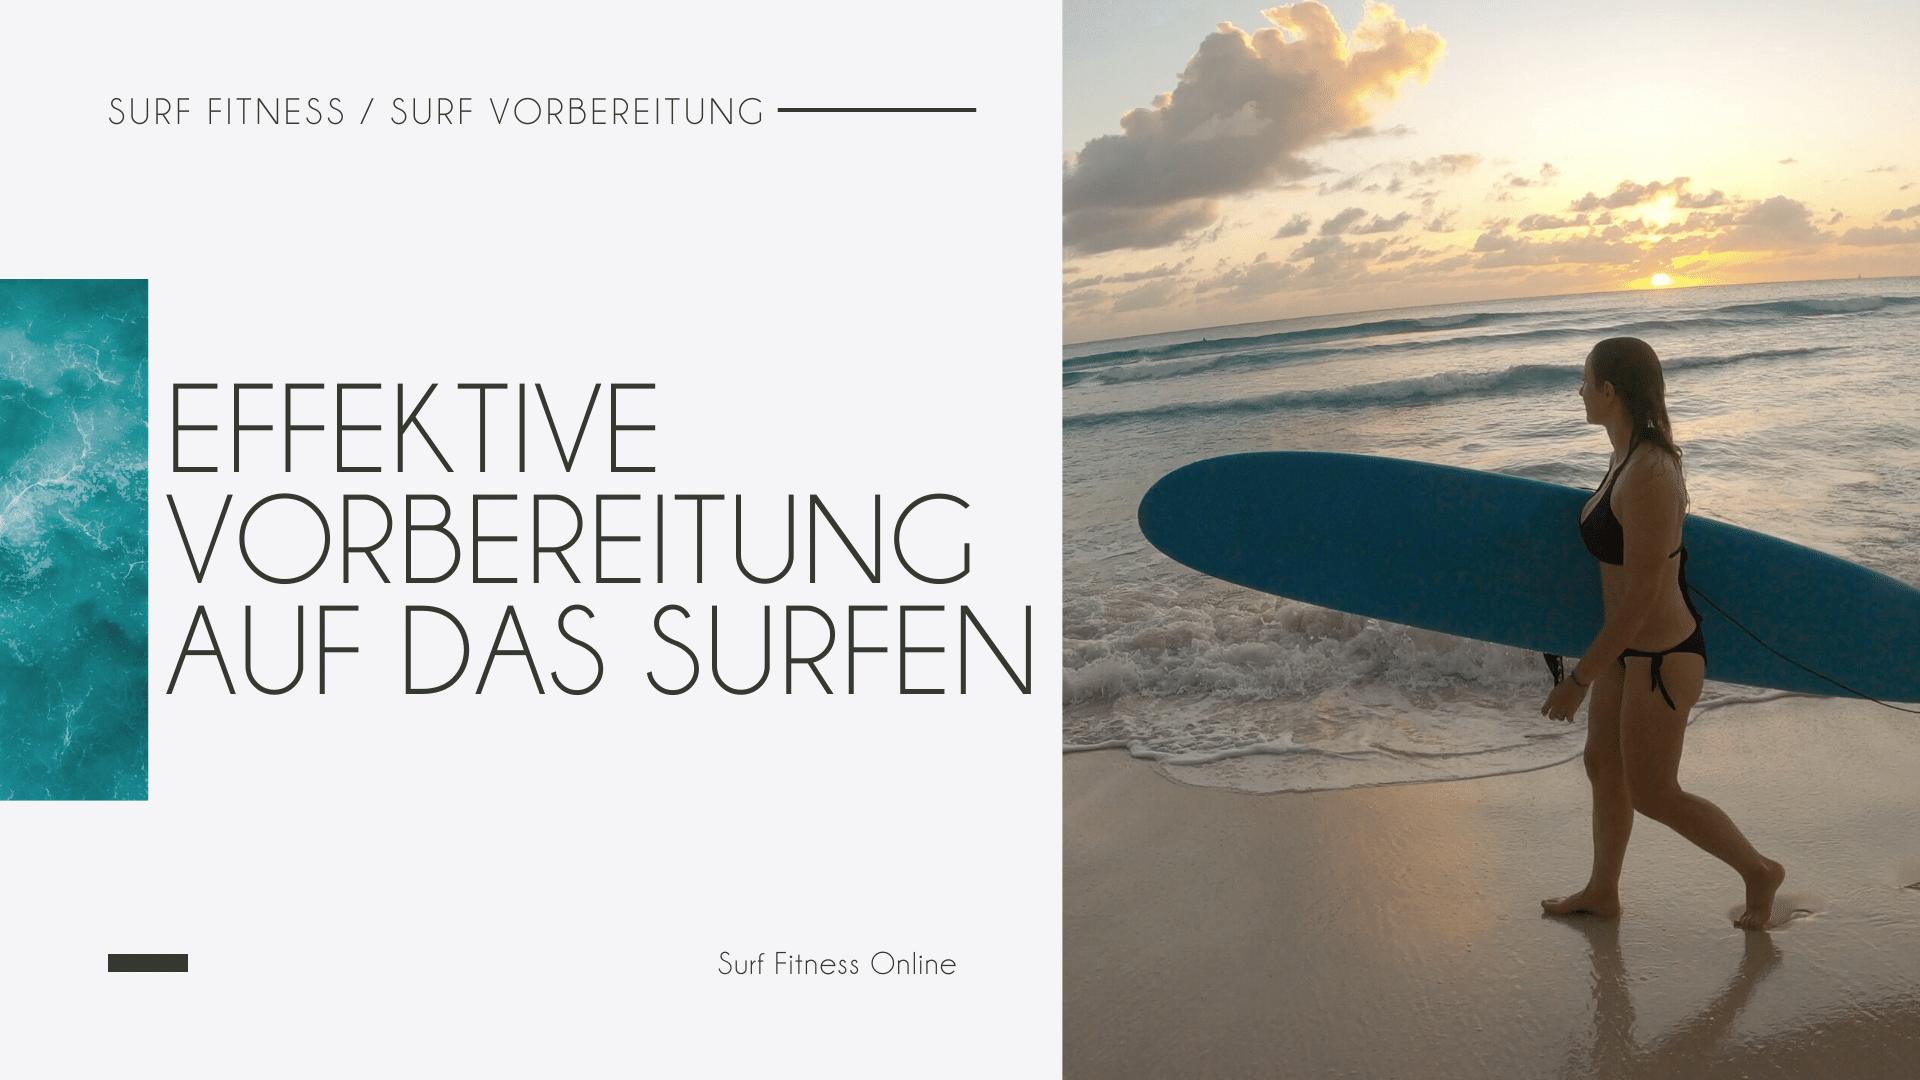 SurfBlog Vorbereitung auf das Surfen